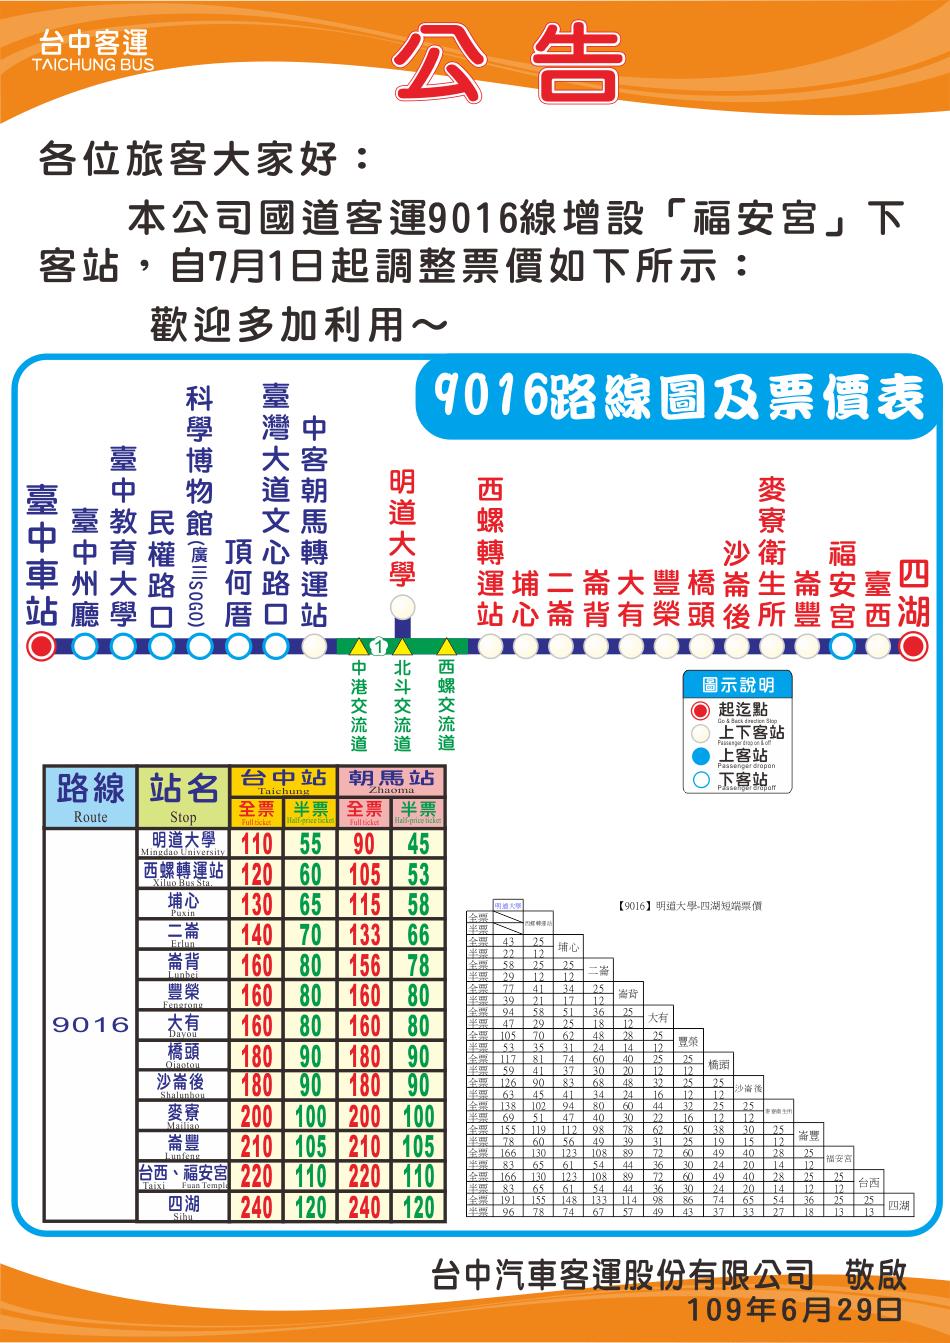 Taichung Bus 臺中客運 最新消息